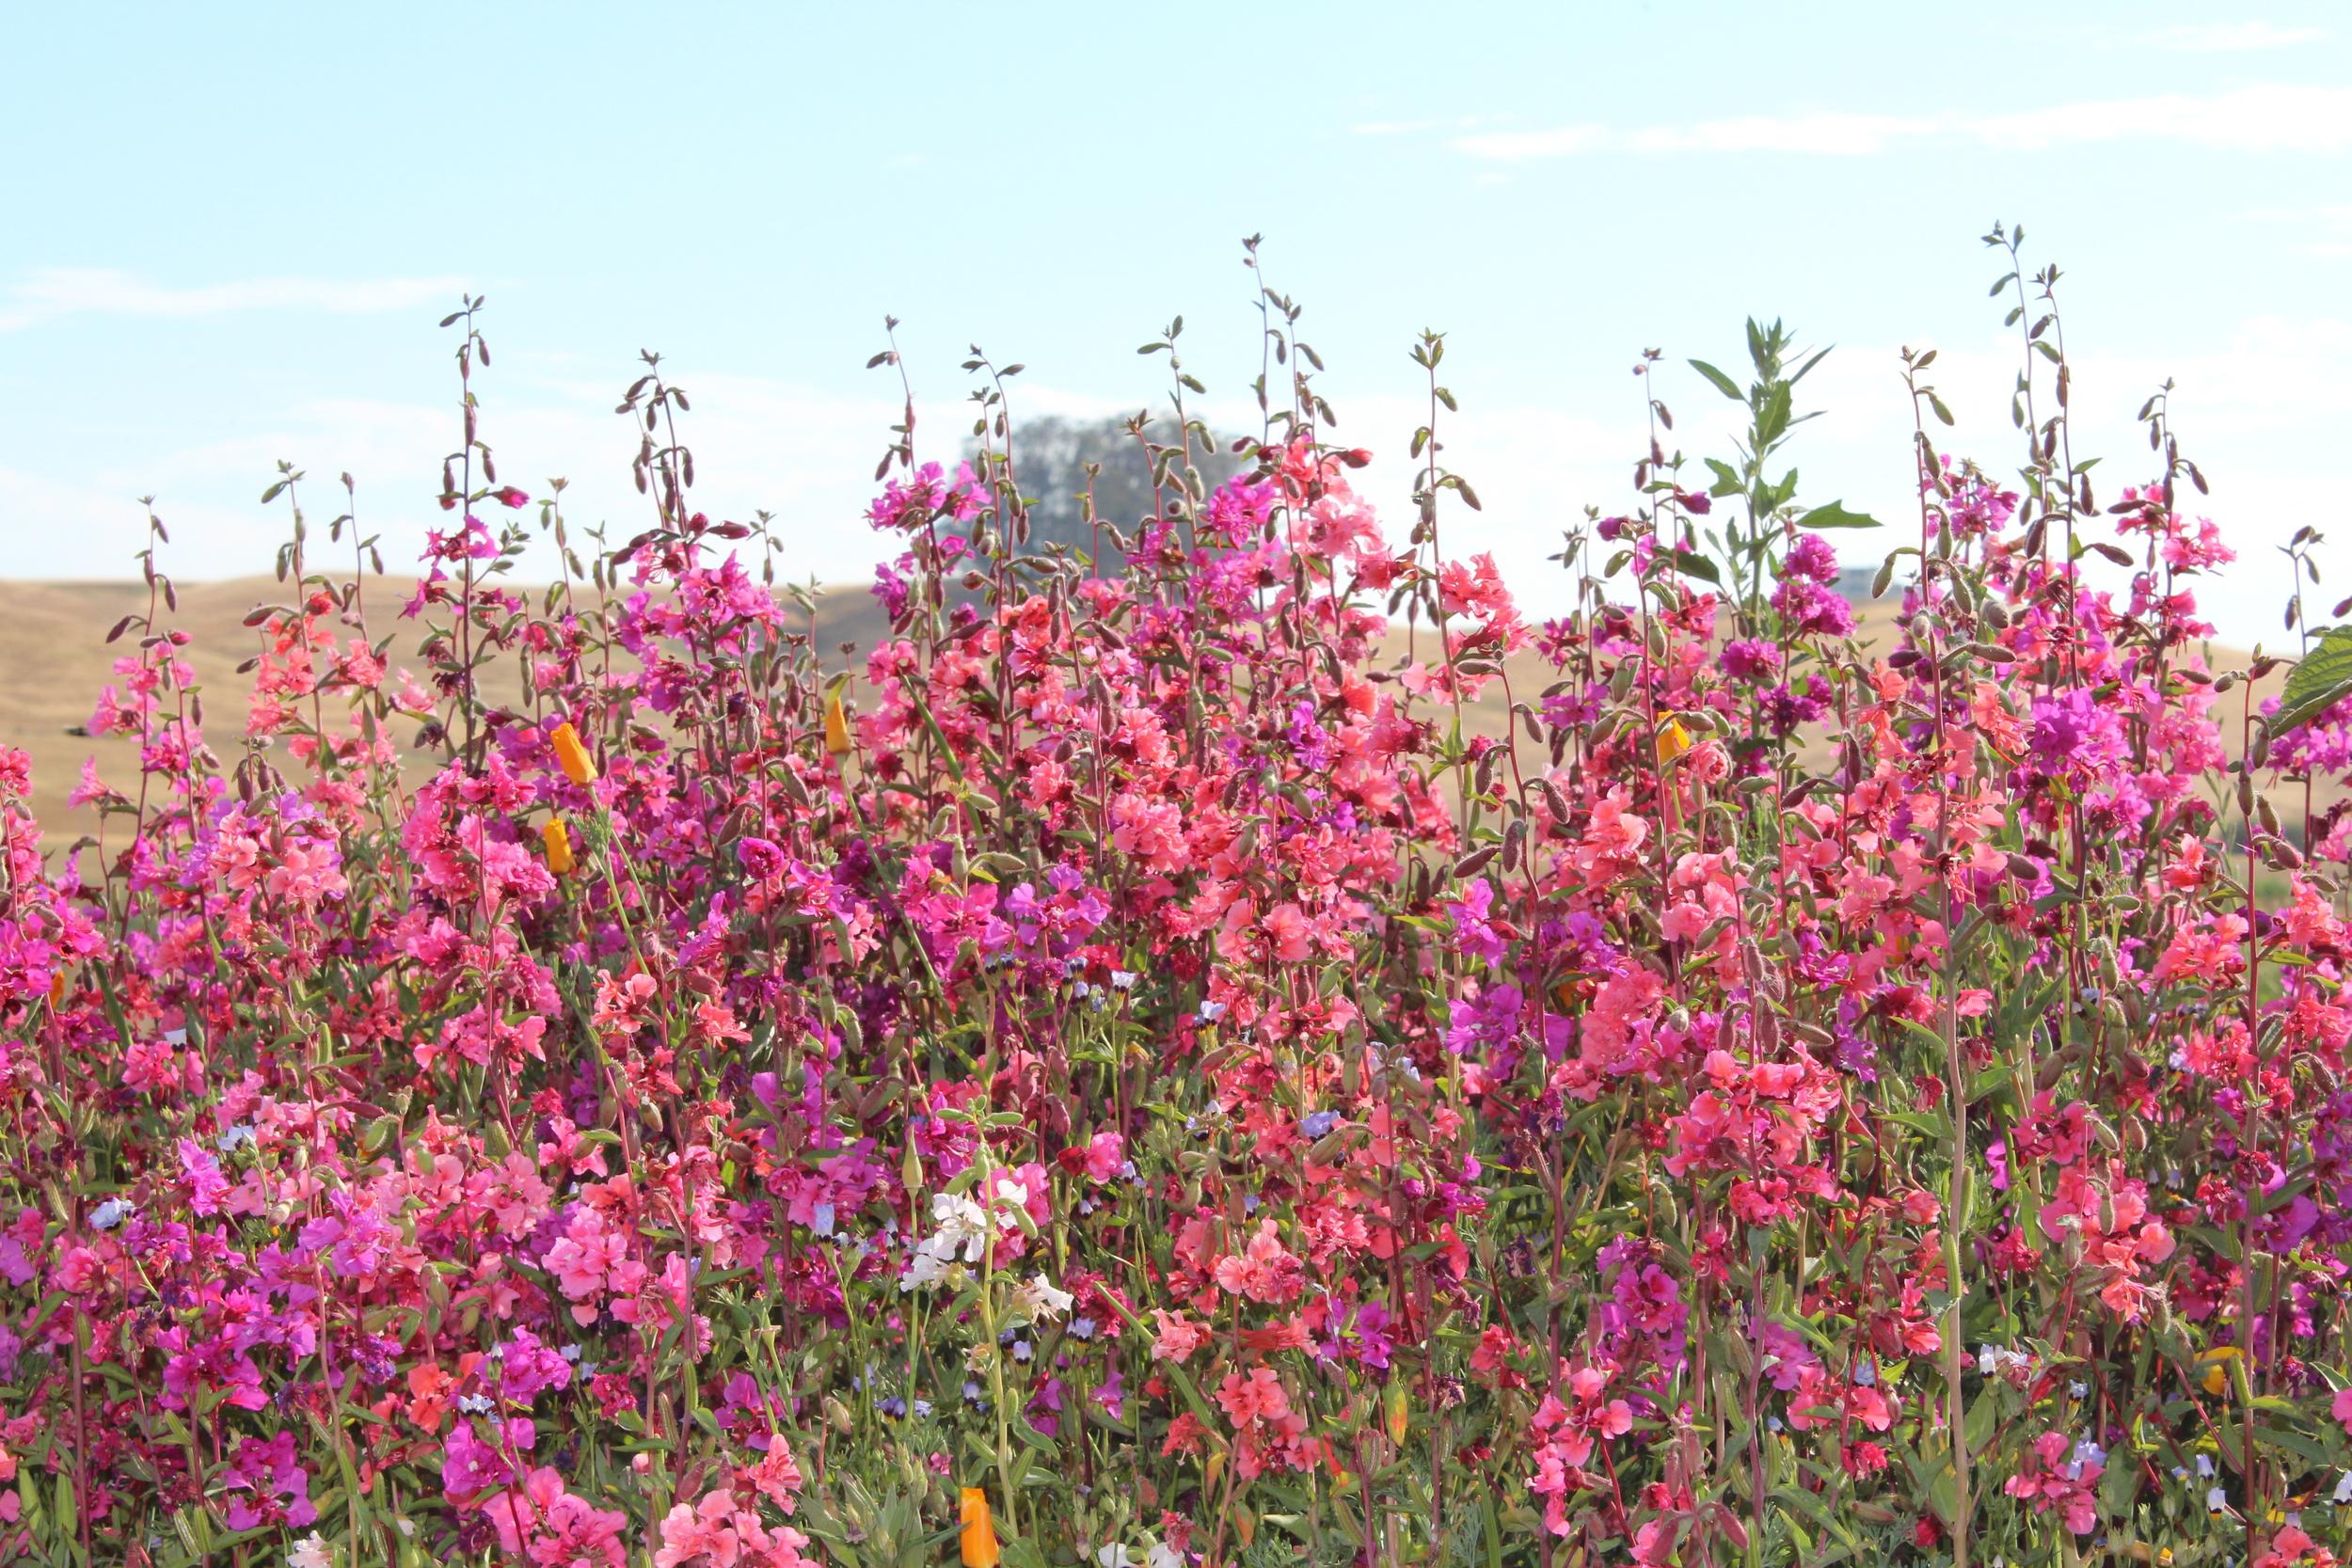 Clarkia in bloom.